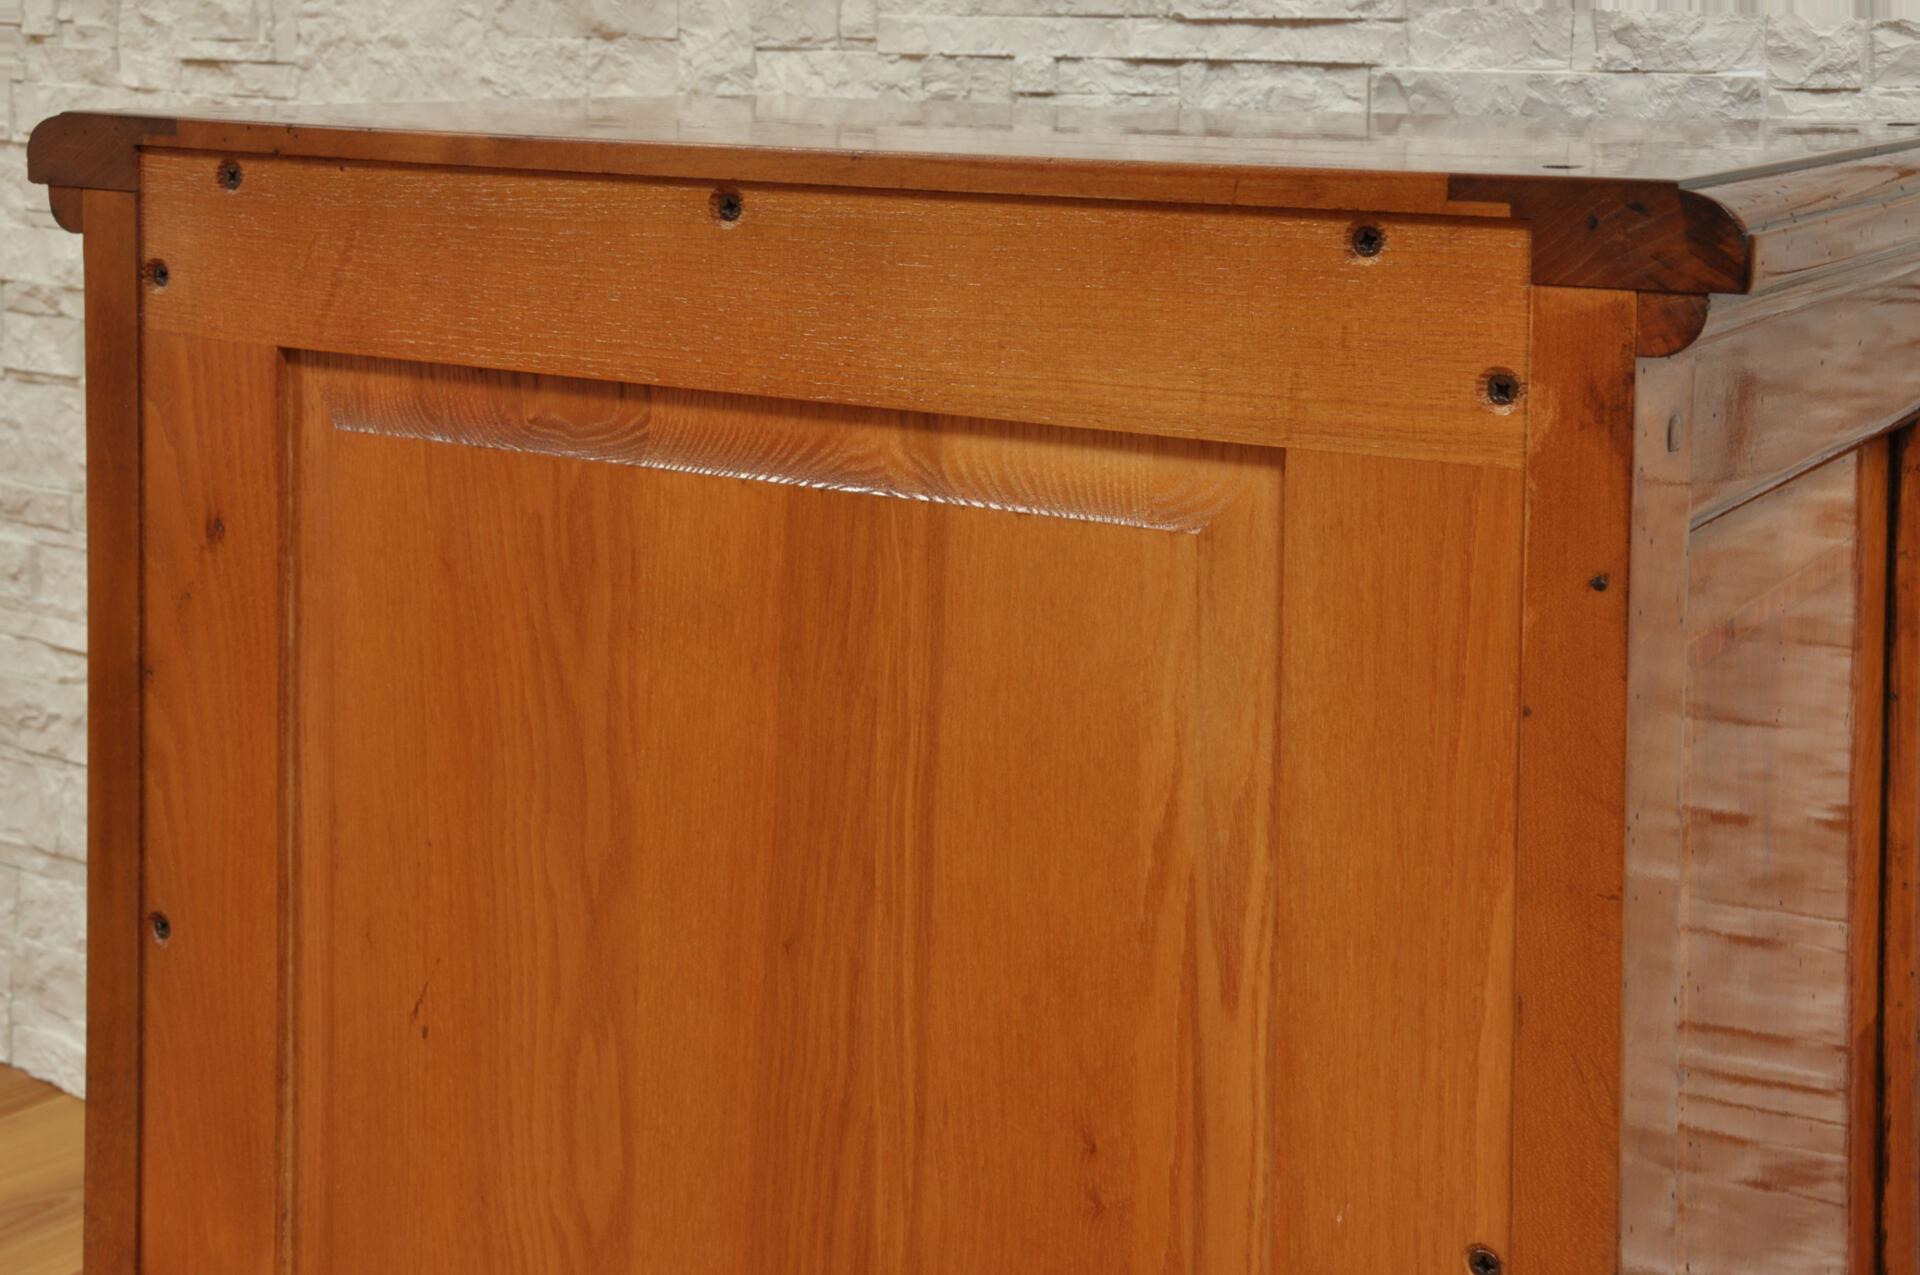 schienale lavorato con telaio a croce in legno pregiato di frassino massello